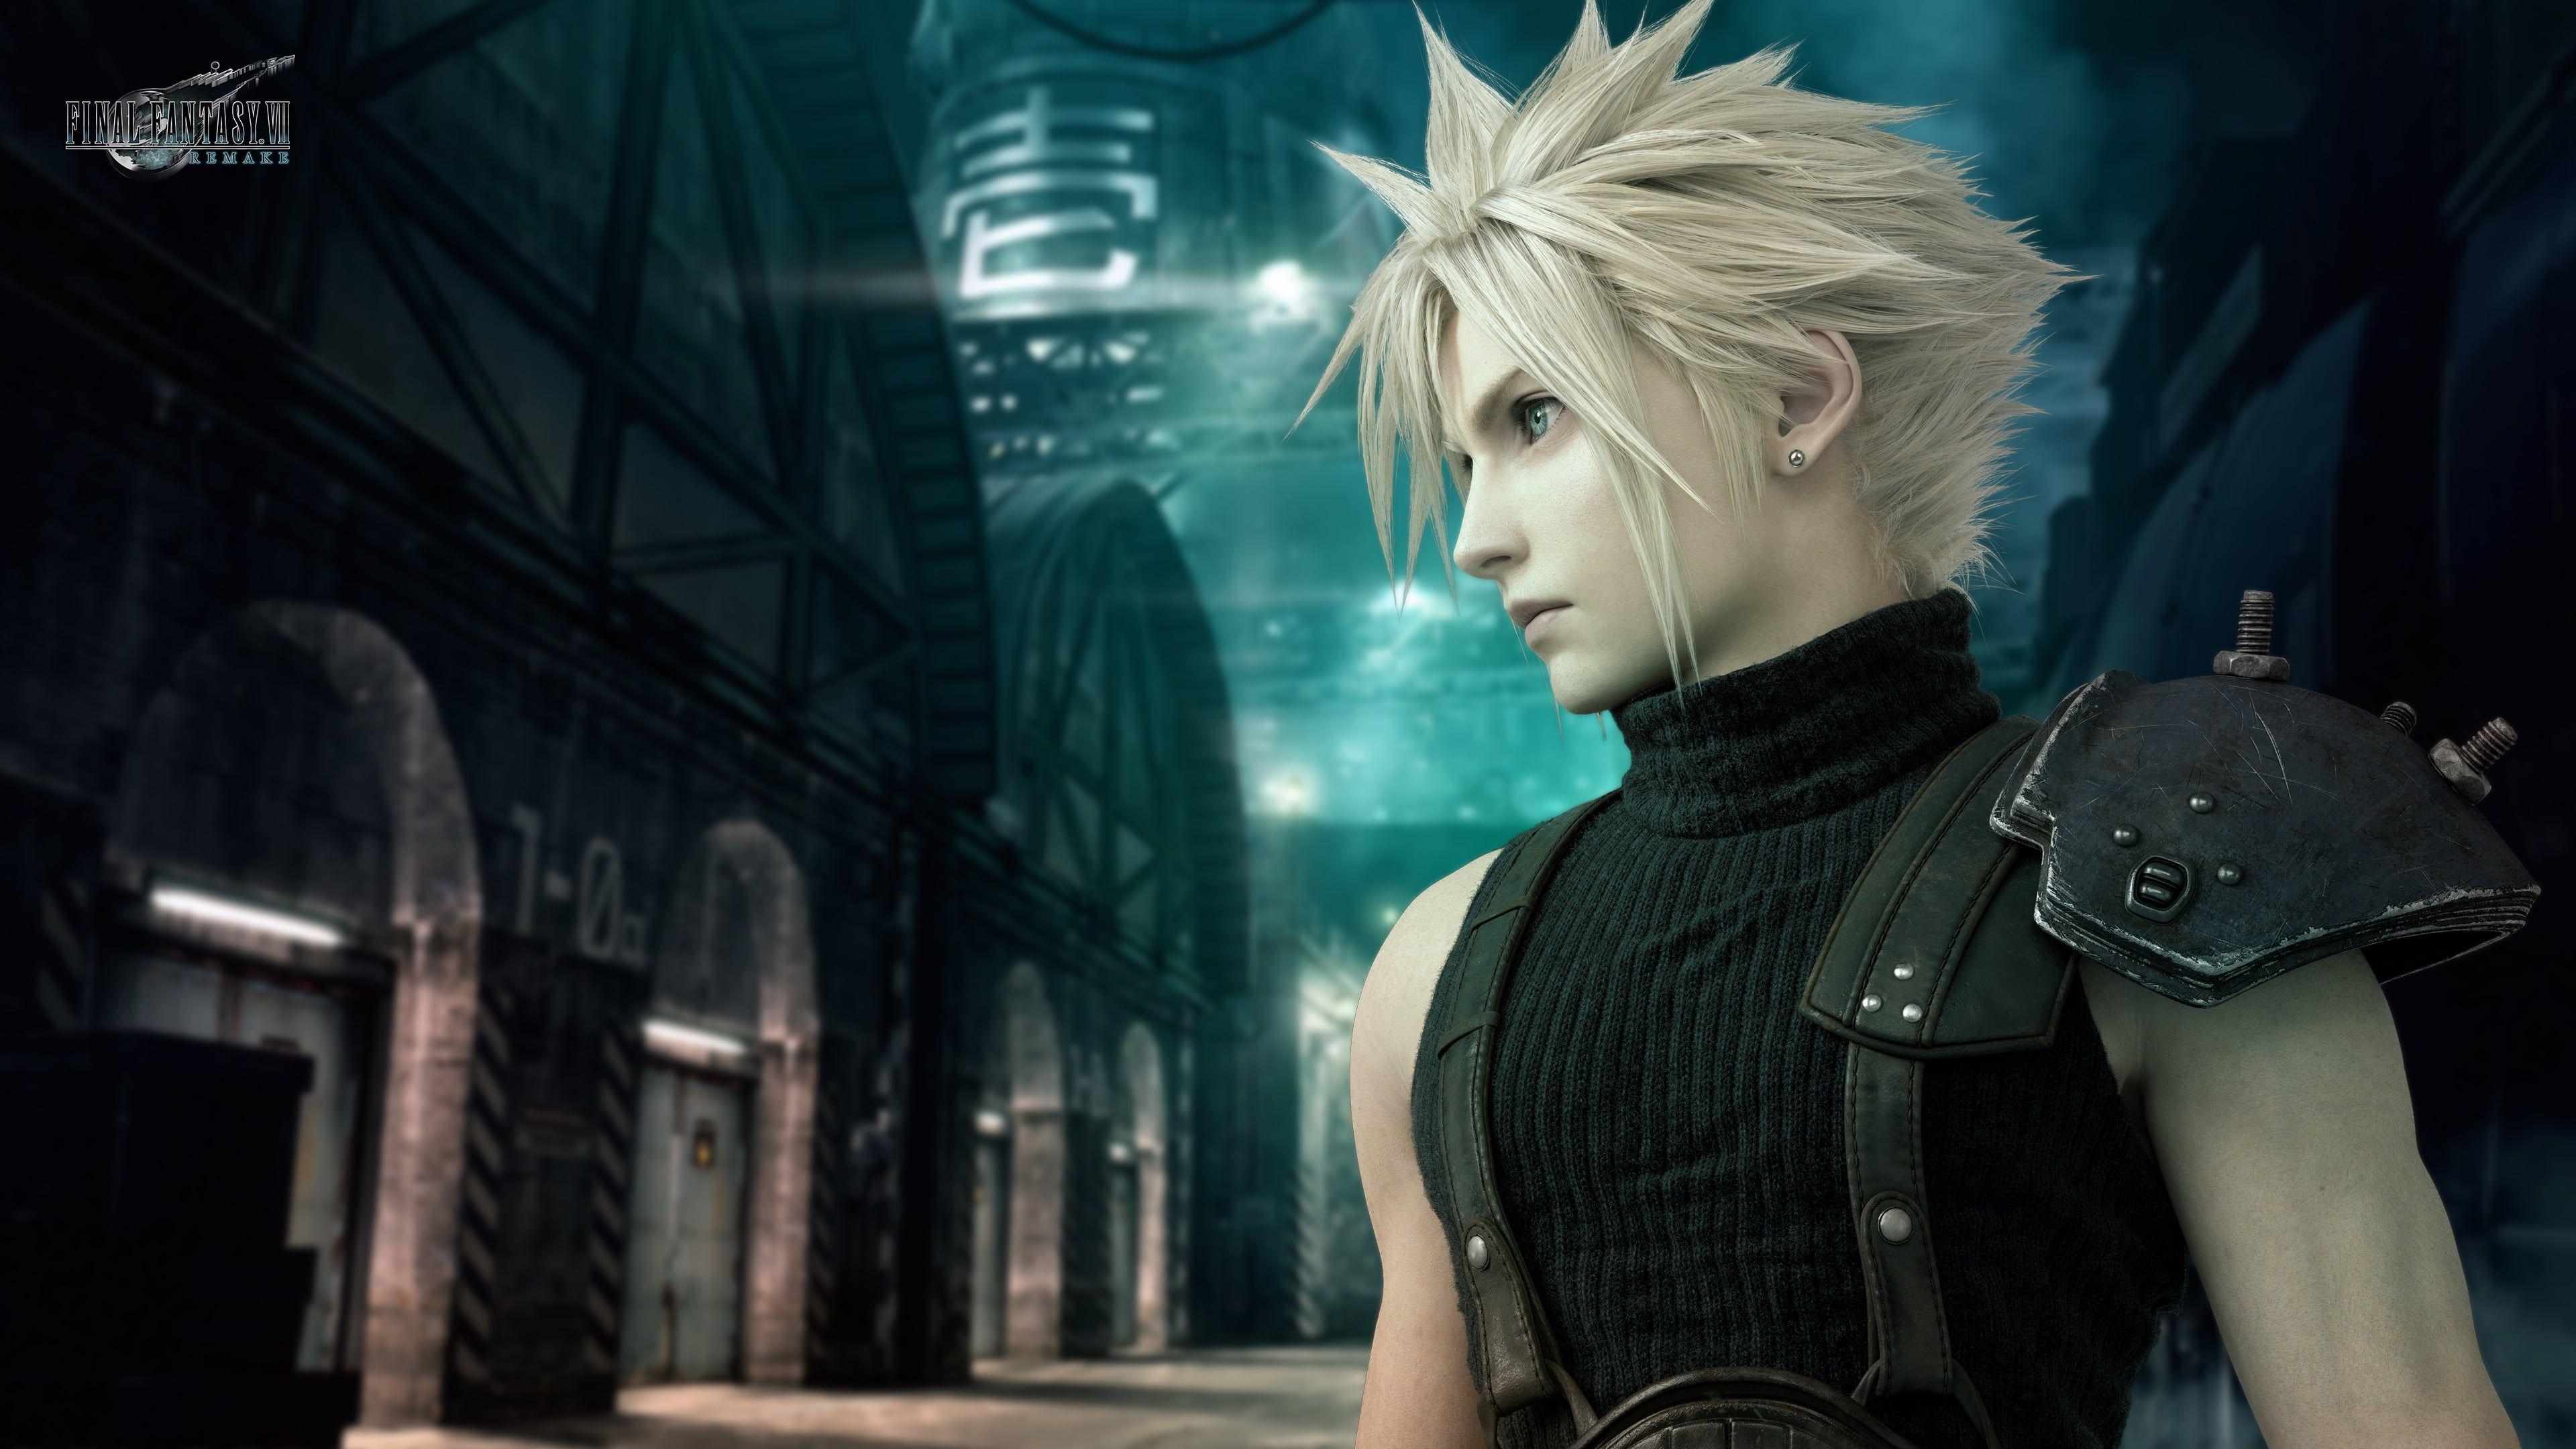 Final Fantasy Vii Remake Cloud Strife Final Fantasy Vii 4k Wallpaper Hdwallpaper De Final Fantasy Cloud Final Fantasy Vii Cloud Final Fantasy Cloud Strife